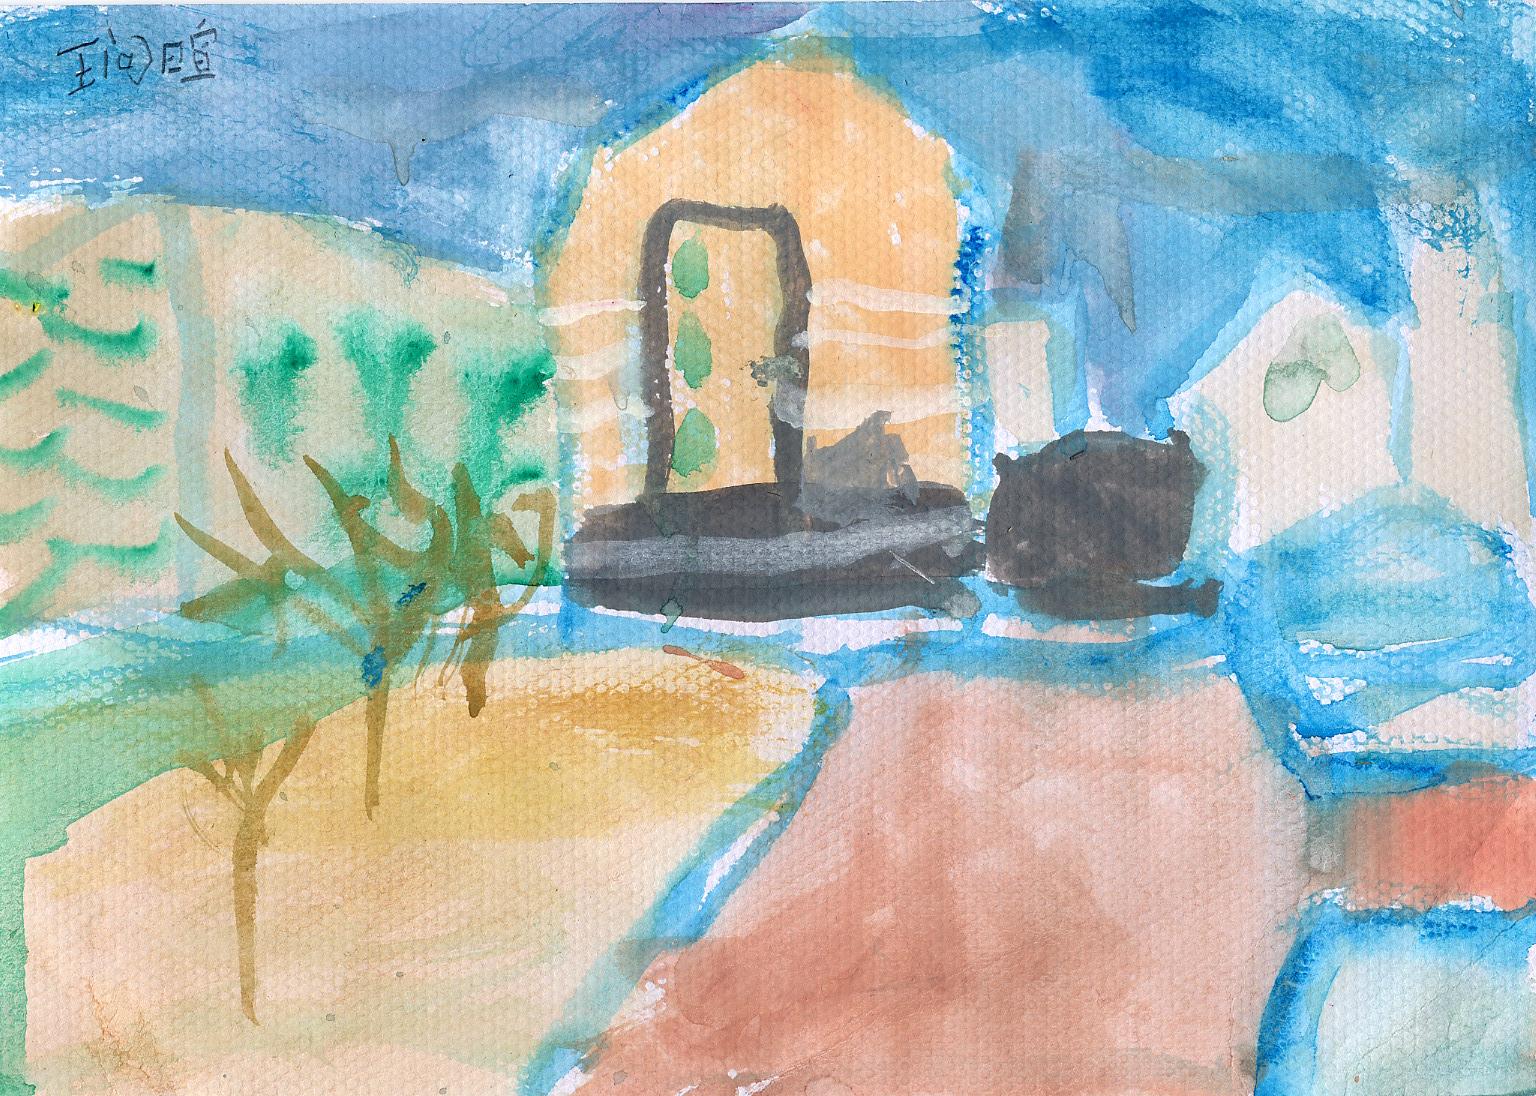 春天第一次写生----陈围美术工作室小学生班风景写生作品赏析(一)